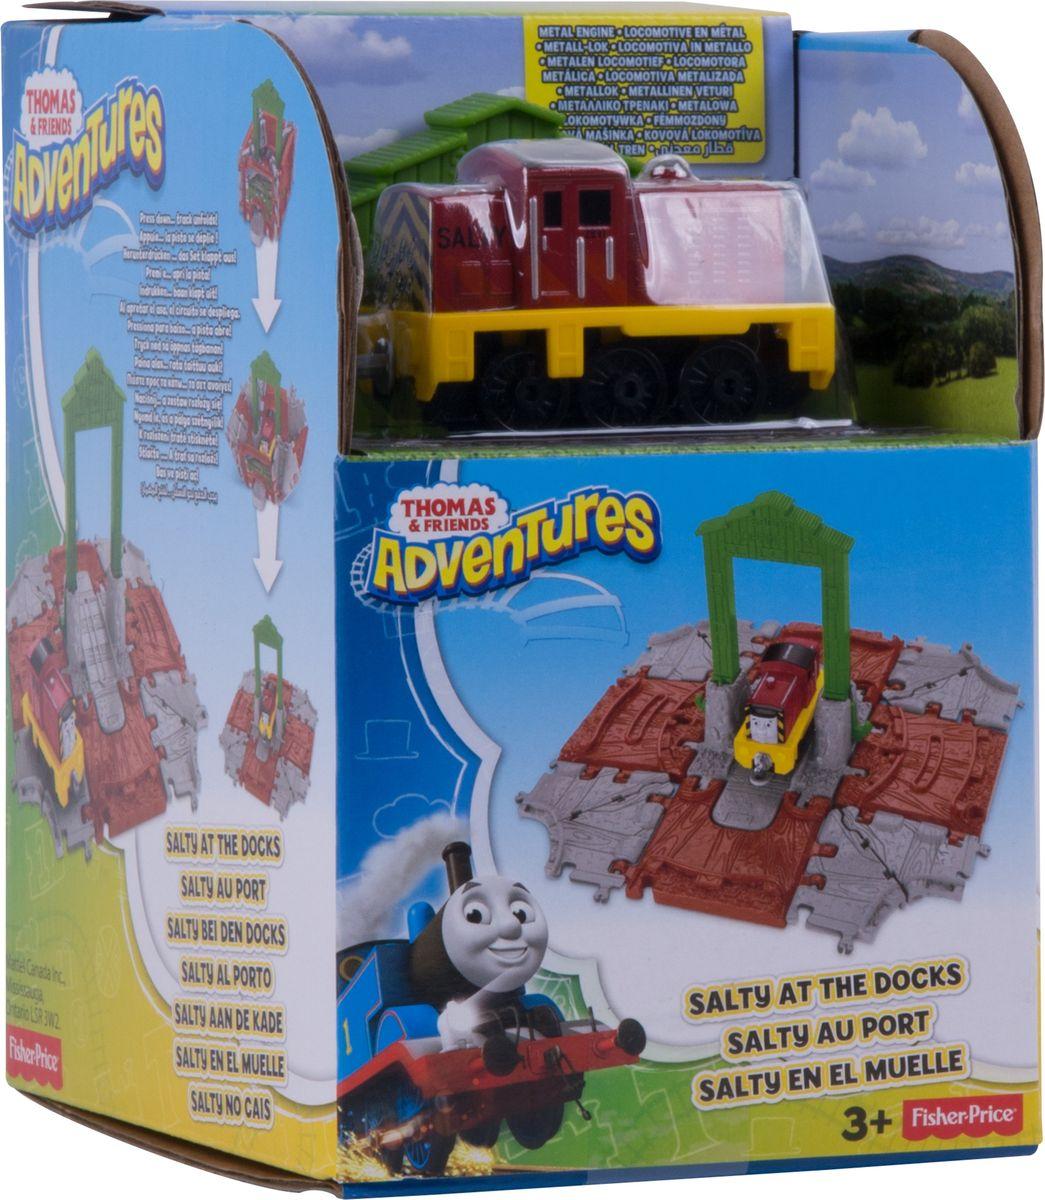 Thomas & Friends Железная дорога Куб Солти - Железные дороги